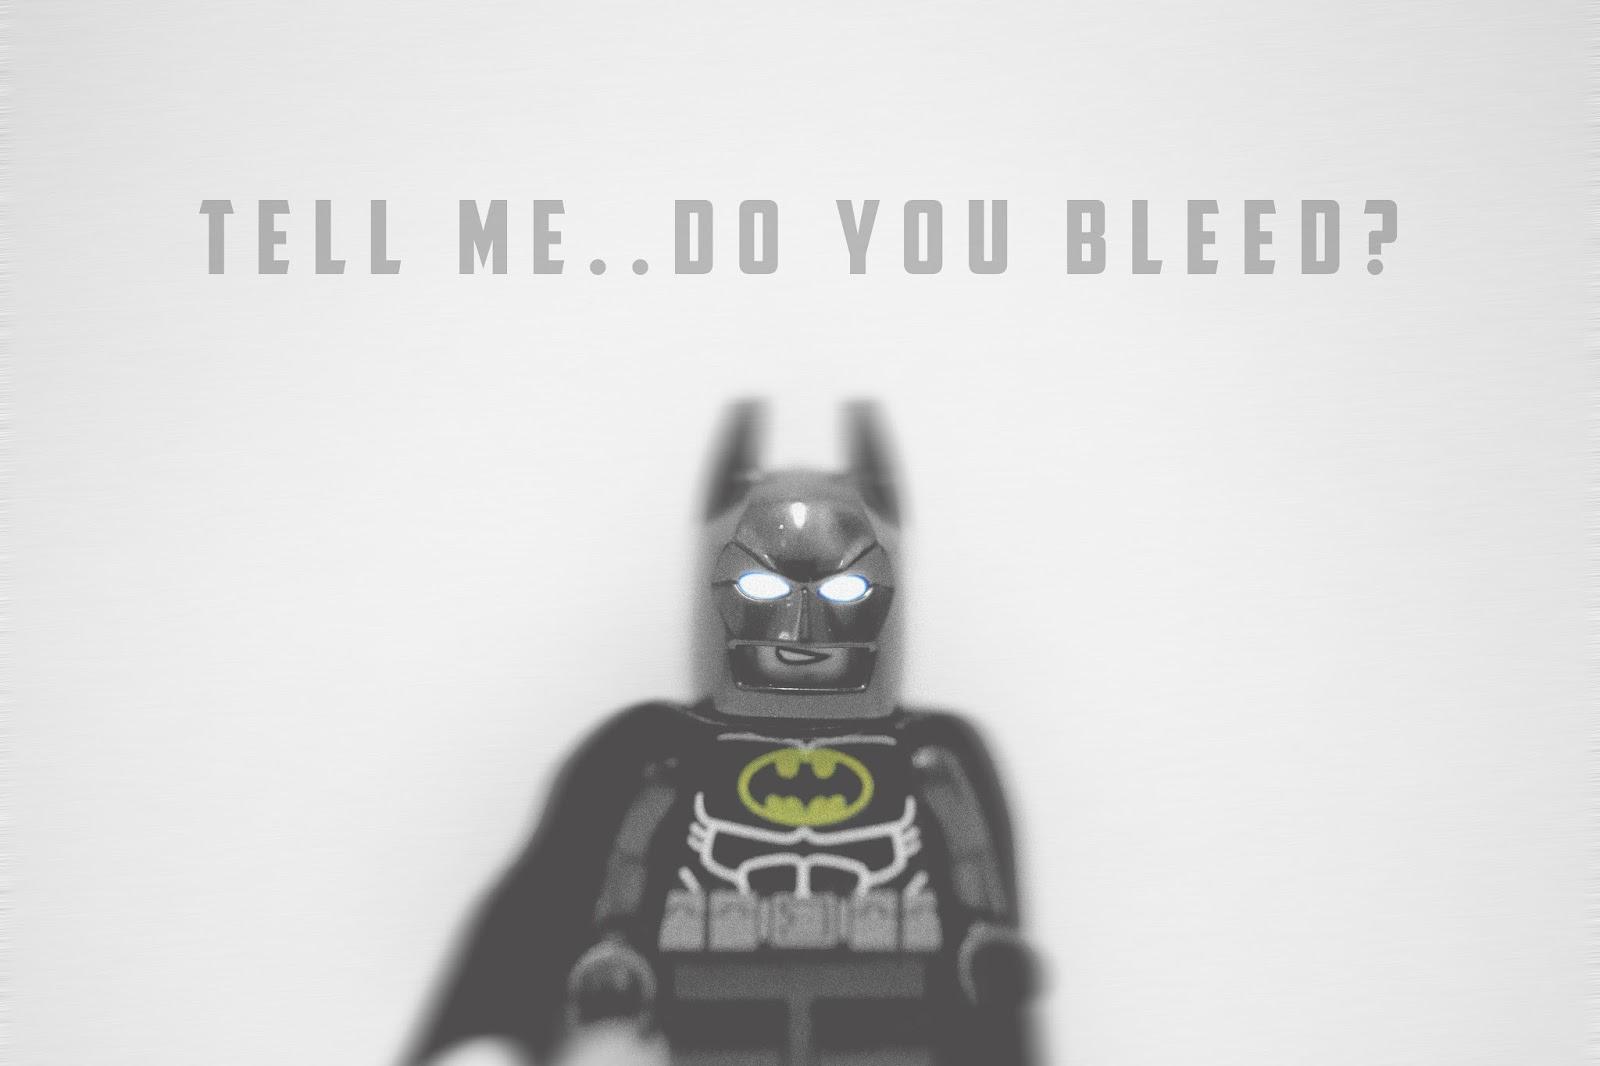 Großzügig Lego Minifigur Anzeigerahmen Fotos - Benutzerdefinierte ...